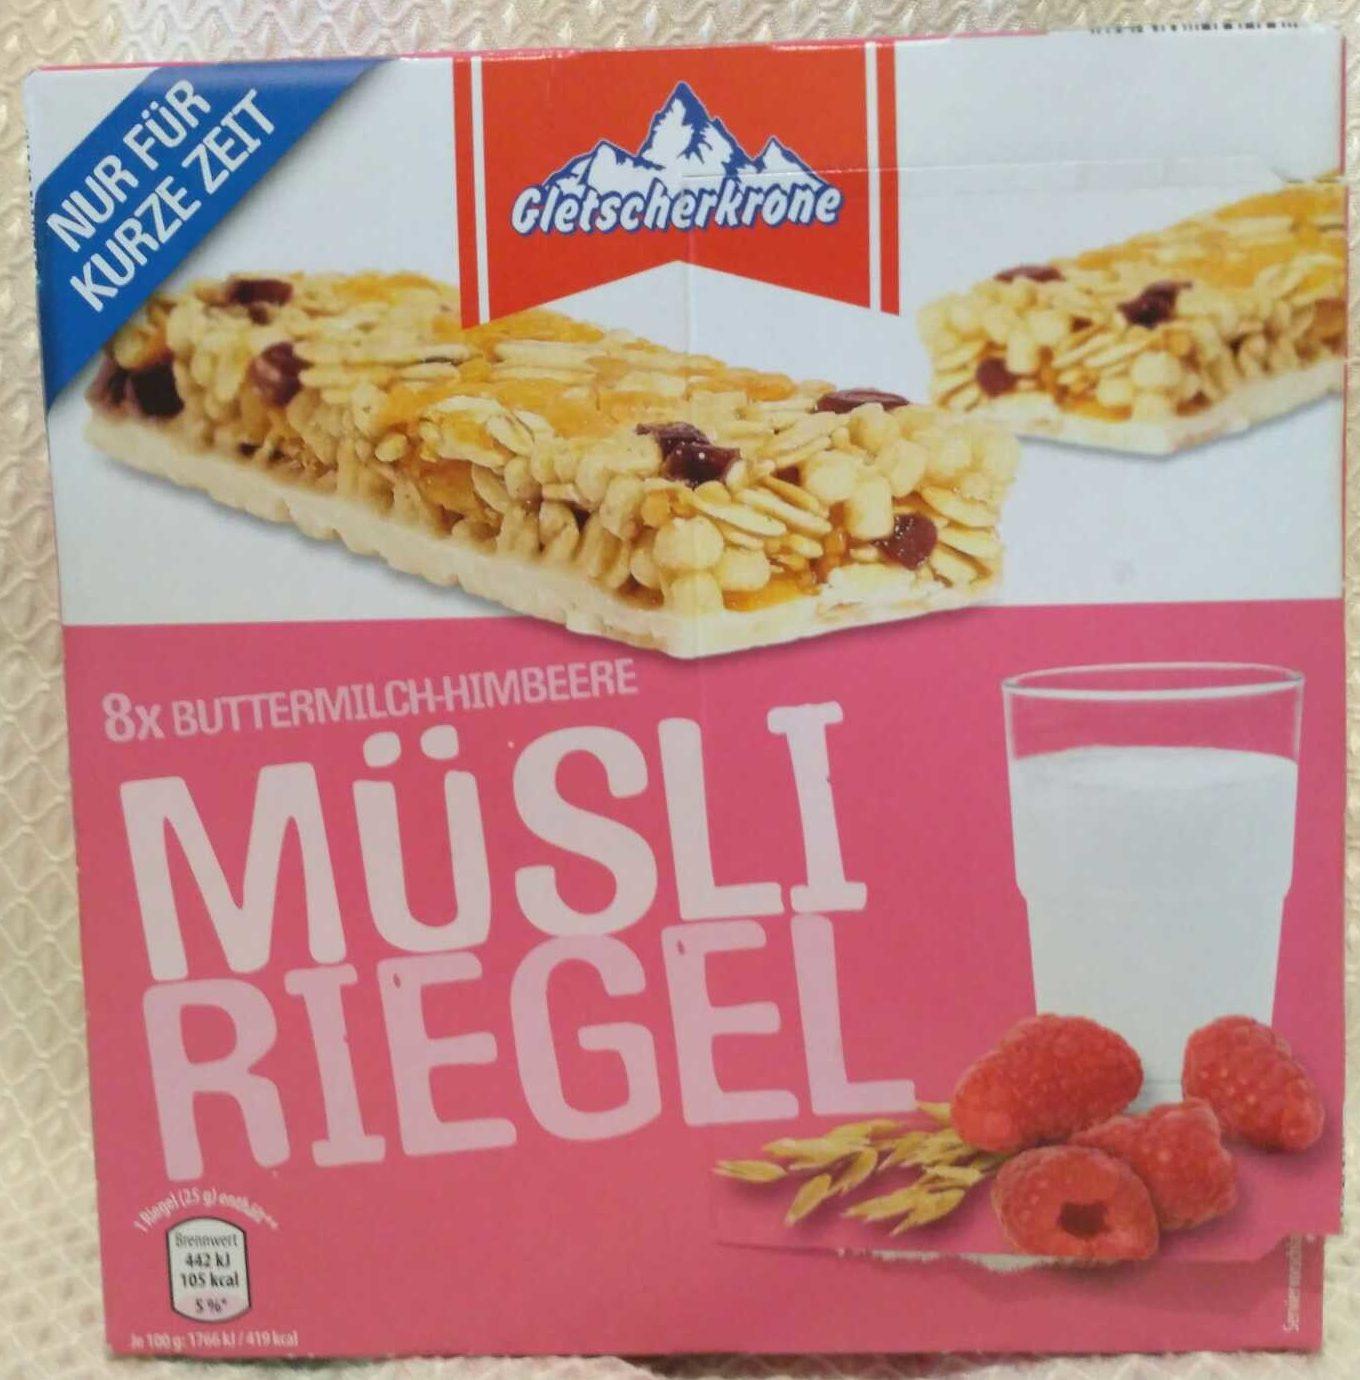 Müsli Riegel Buttermilch-Himbeere (oder Haselnuss, Weisse Schoko) - Product